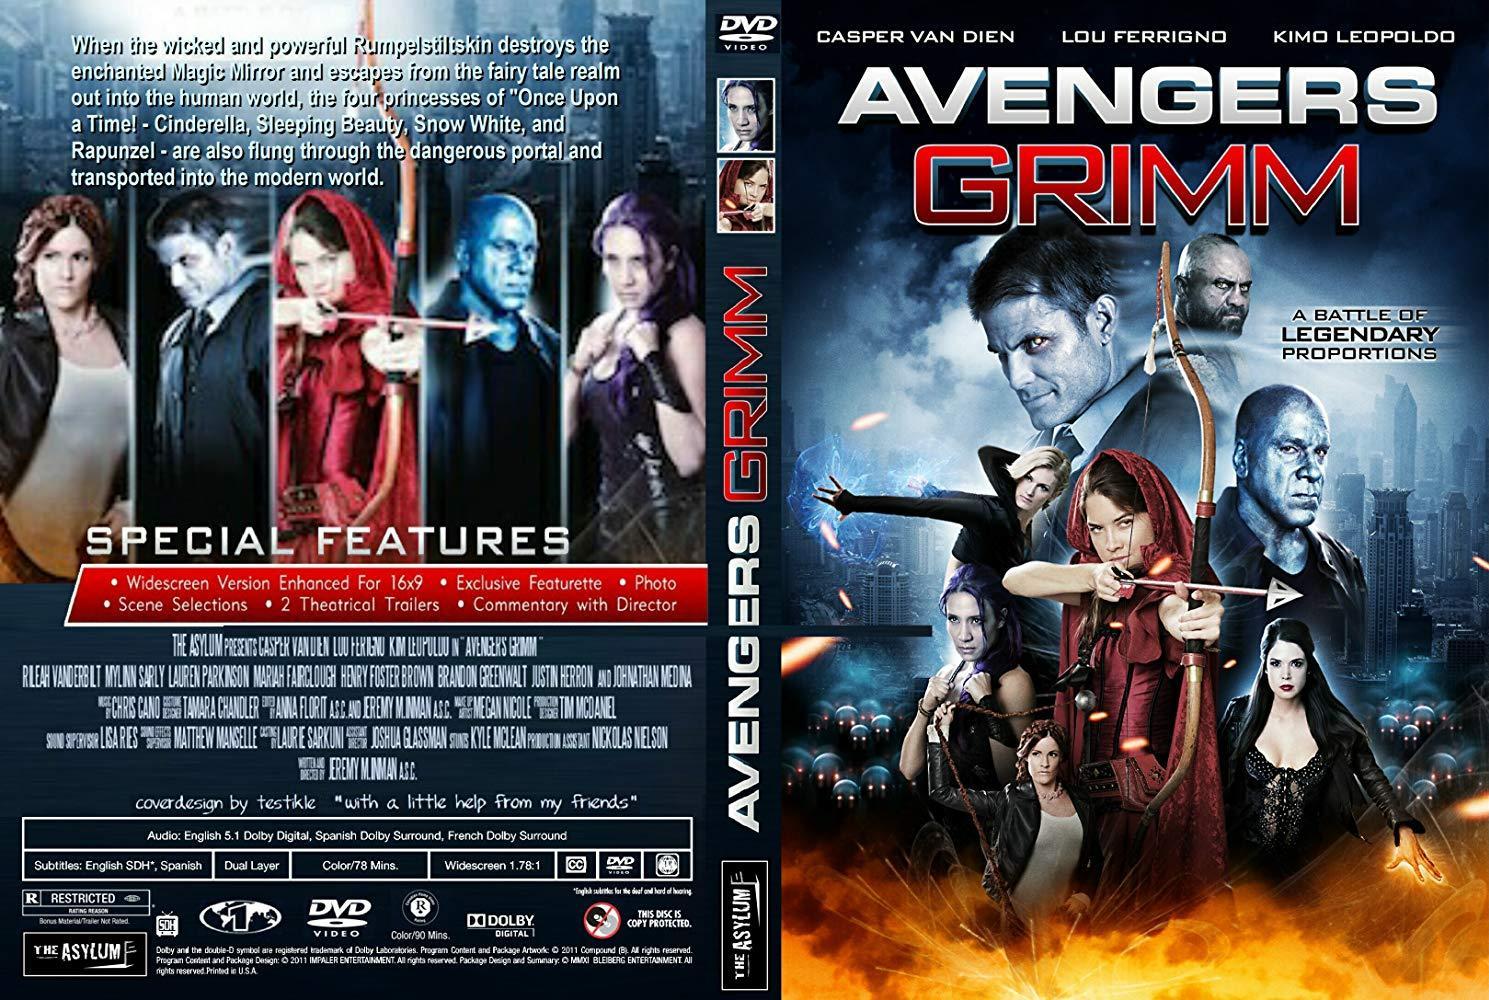 مشاهدة فيلم Avengers Grimm 2015 HD مترجم كامل اون لاين